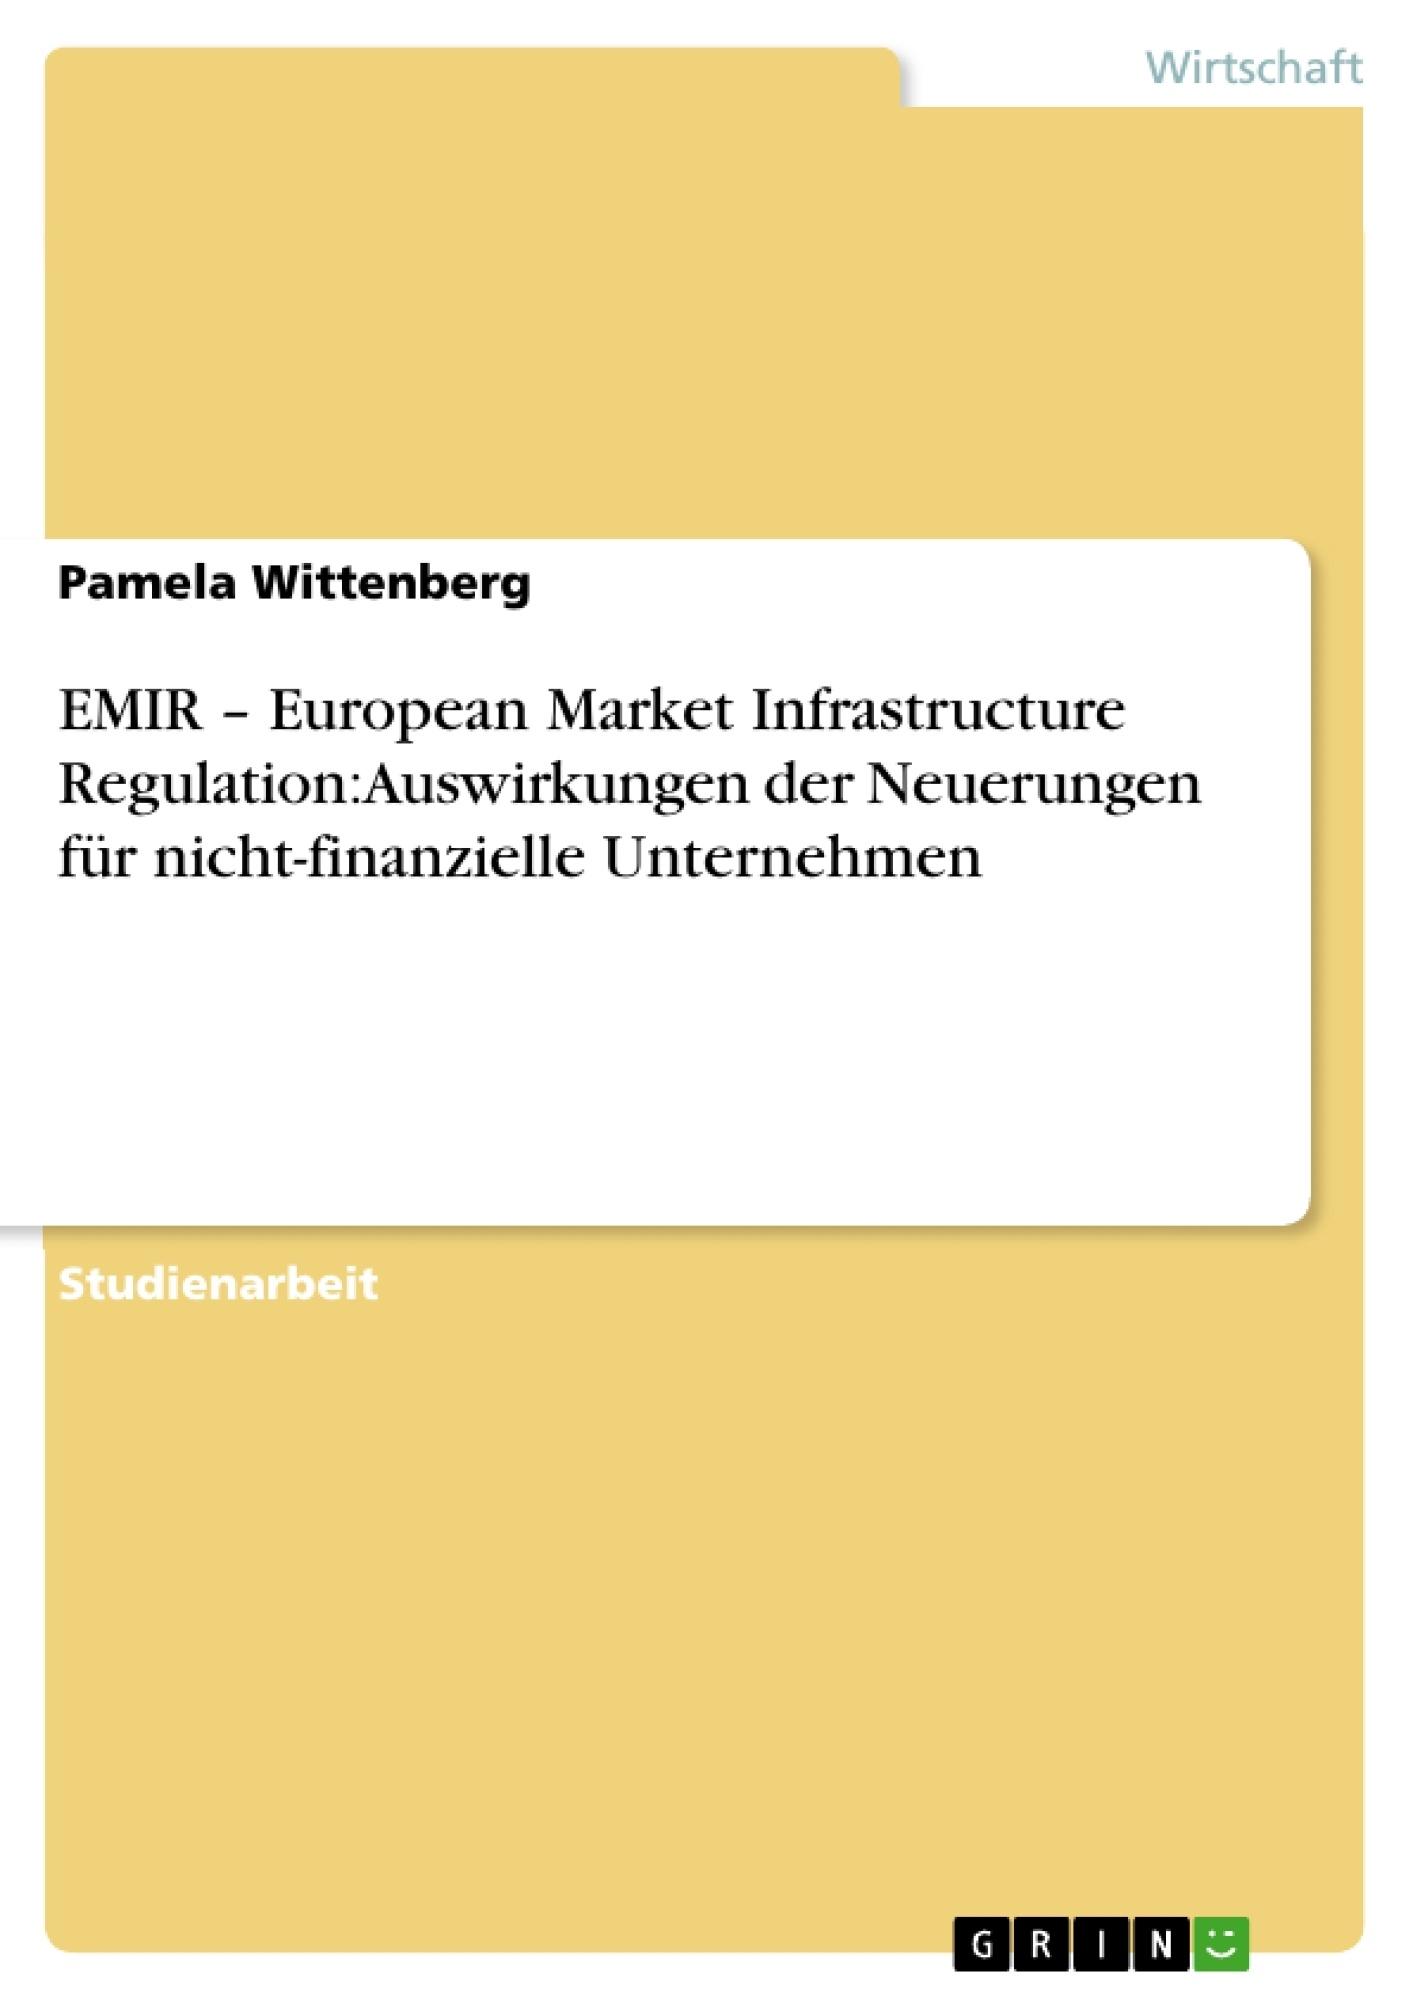 Titel: EMIR – European Market Infrastructure Regulation: Auswirkungen der Neuerungen für nicht-finanzielle Unternehmen